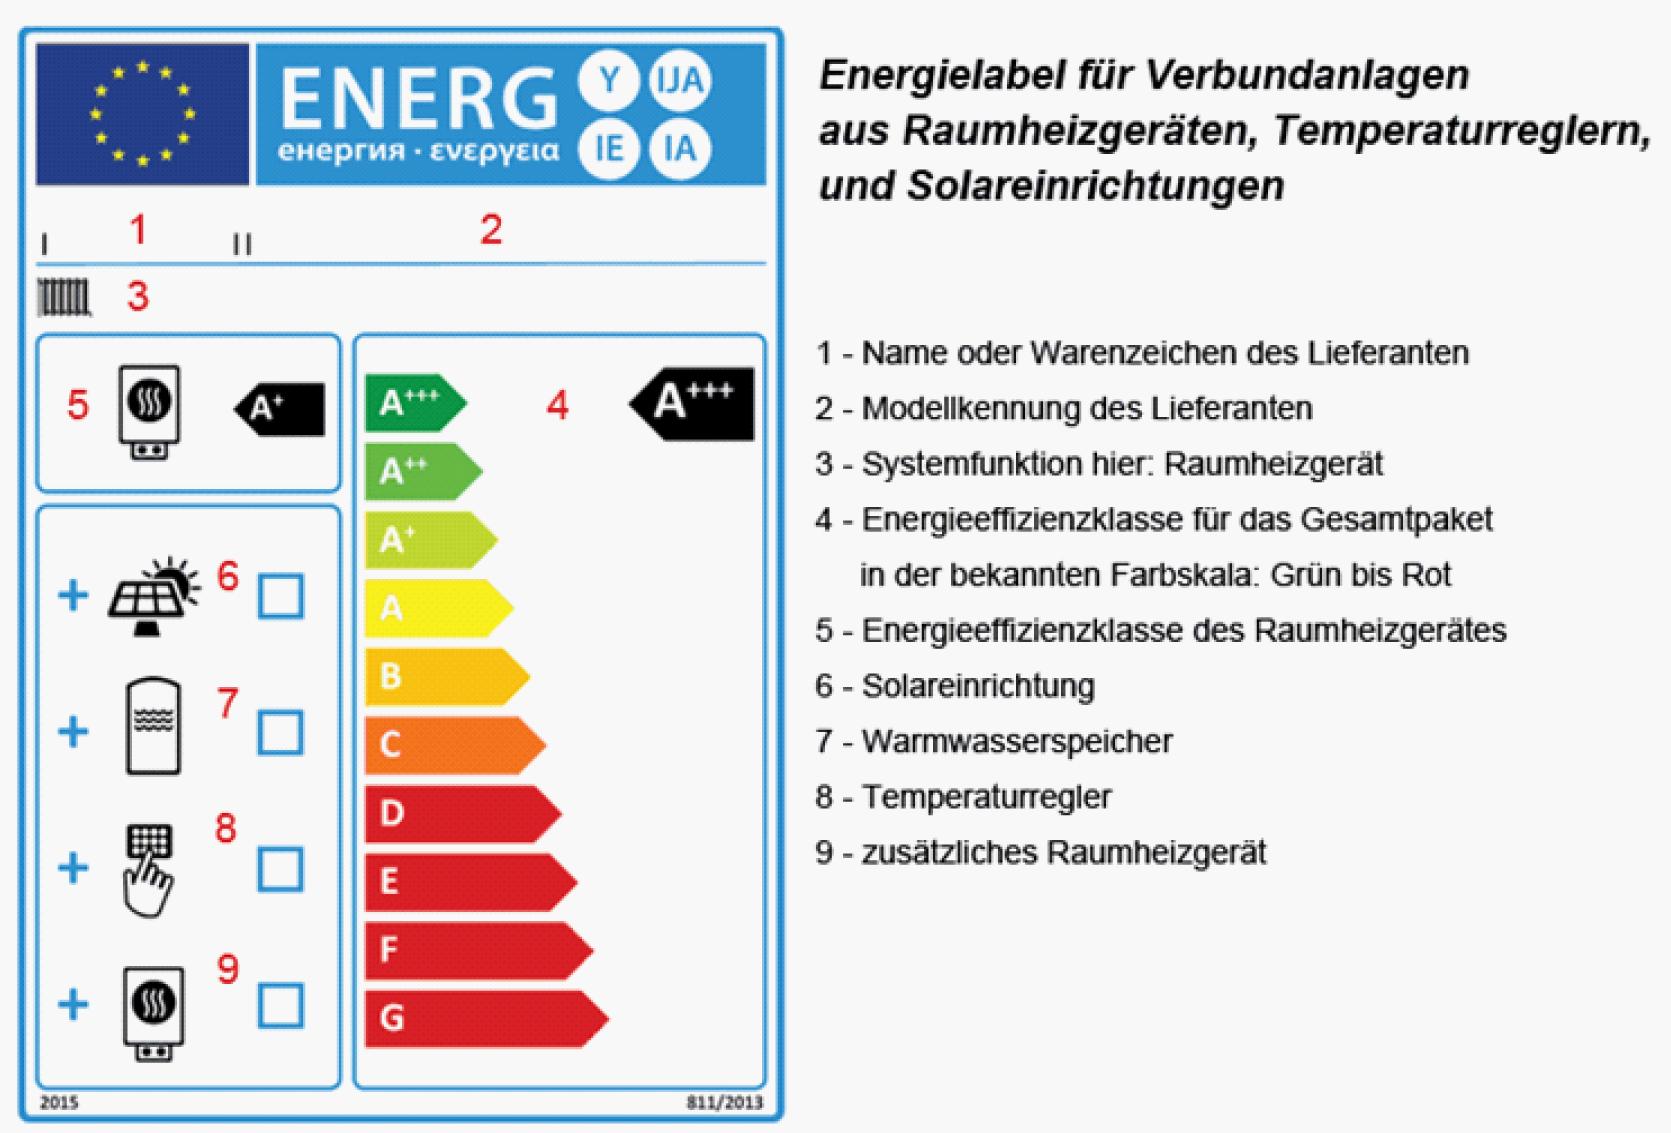 Energielabel für Verbundanlagen aus Raumheizgeräten, Temperaturreglern und Solareinrichtungen